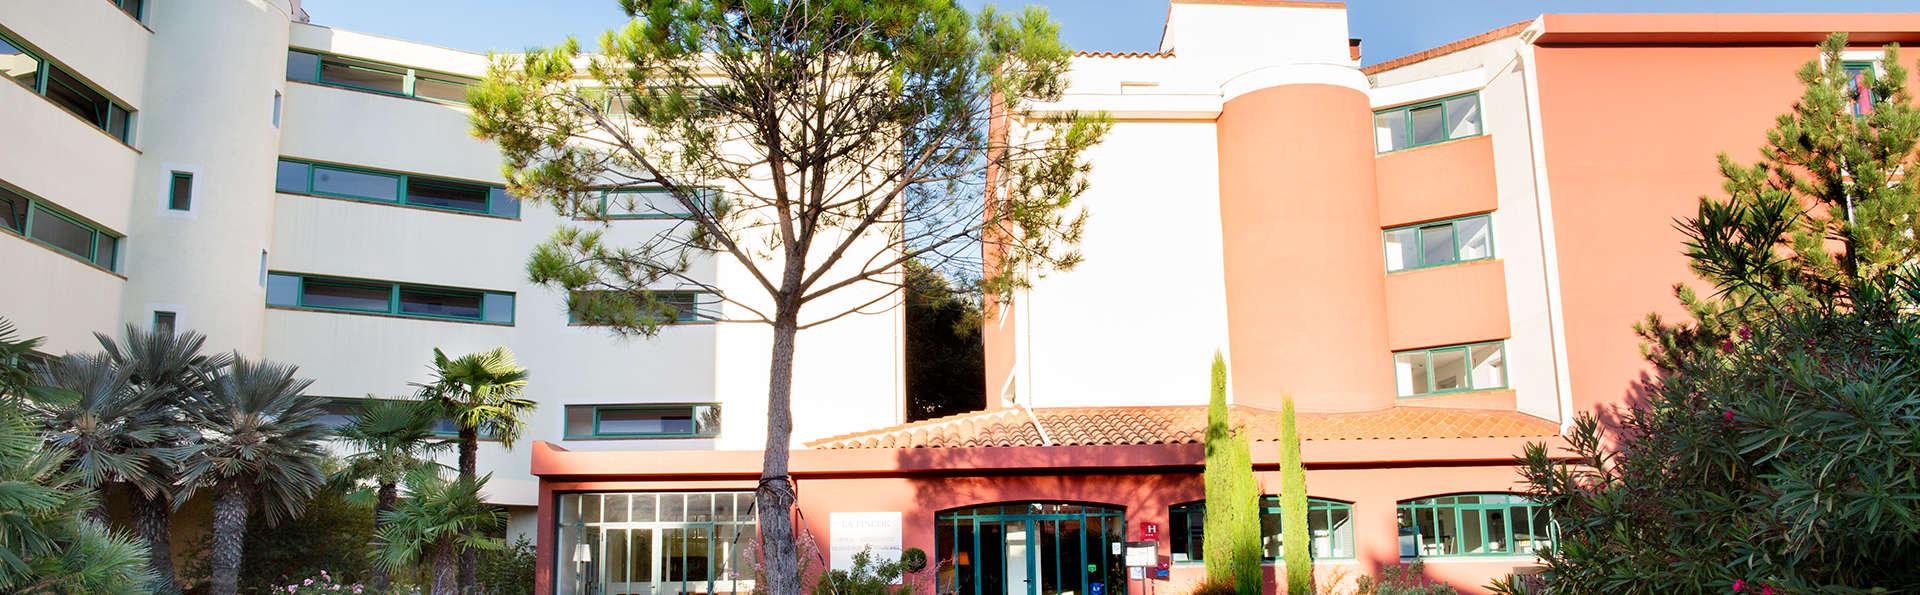 La Pinède by Compagnie des Spas - EDIT_front1.jpg